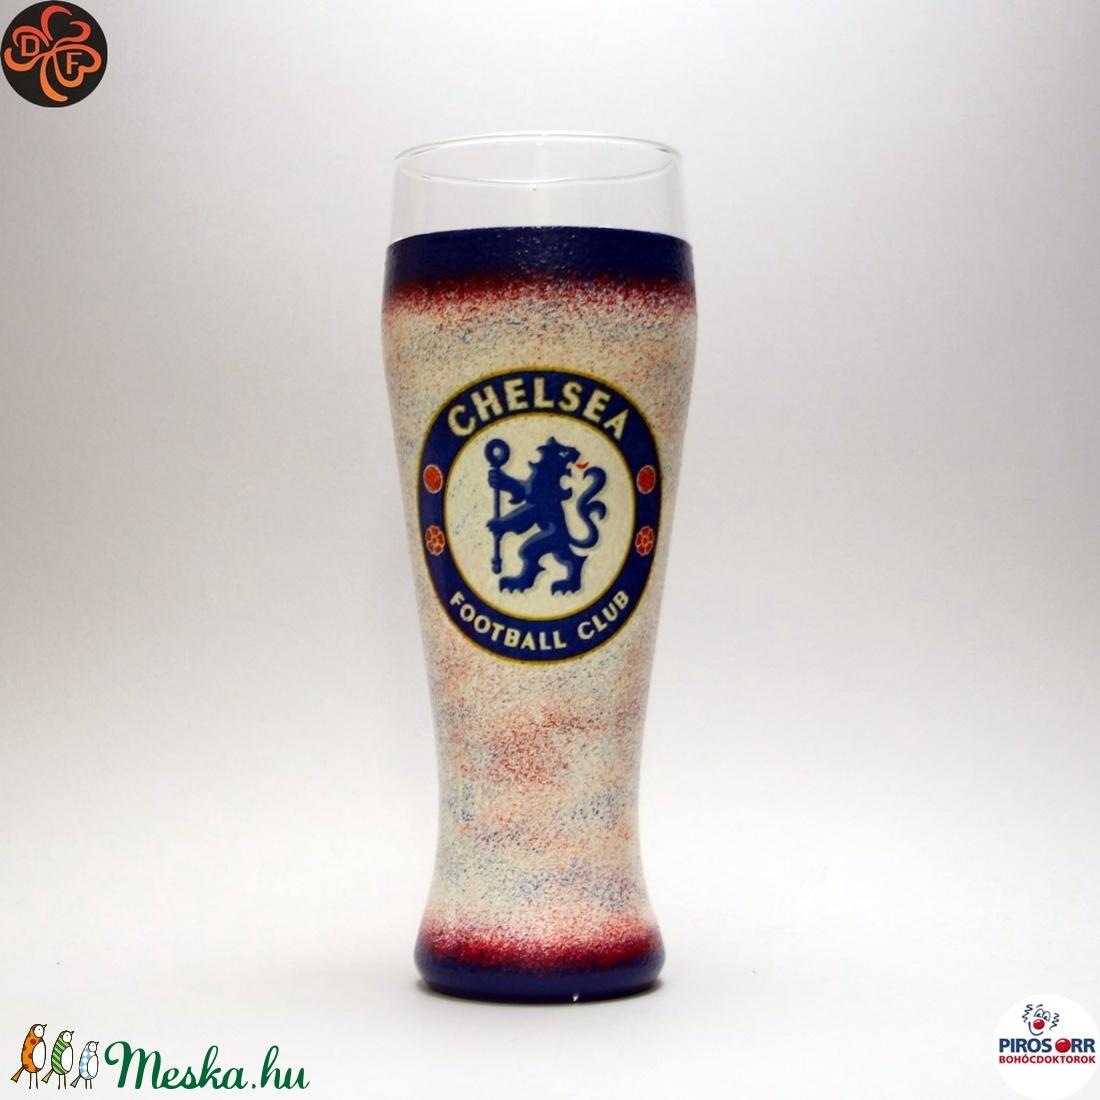 Chelsea FC sörös pohár ; Szurkolói ajándék (decorfantasy) - Meska.hu